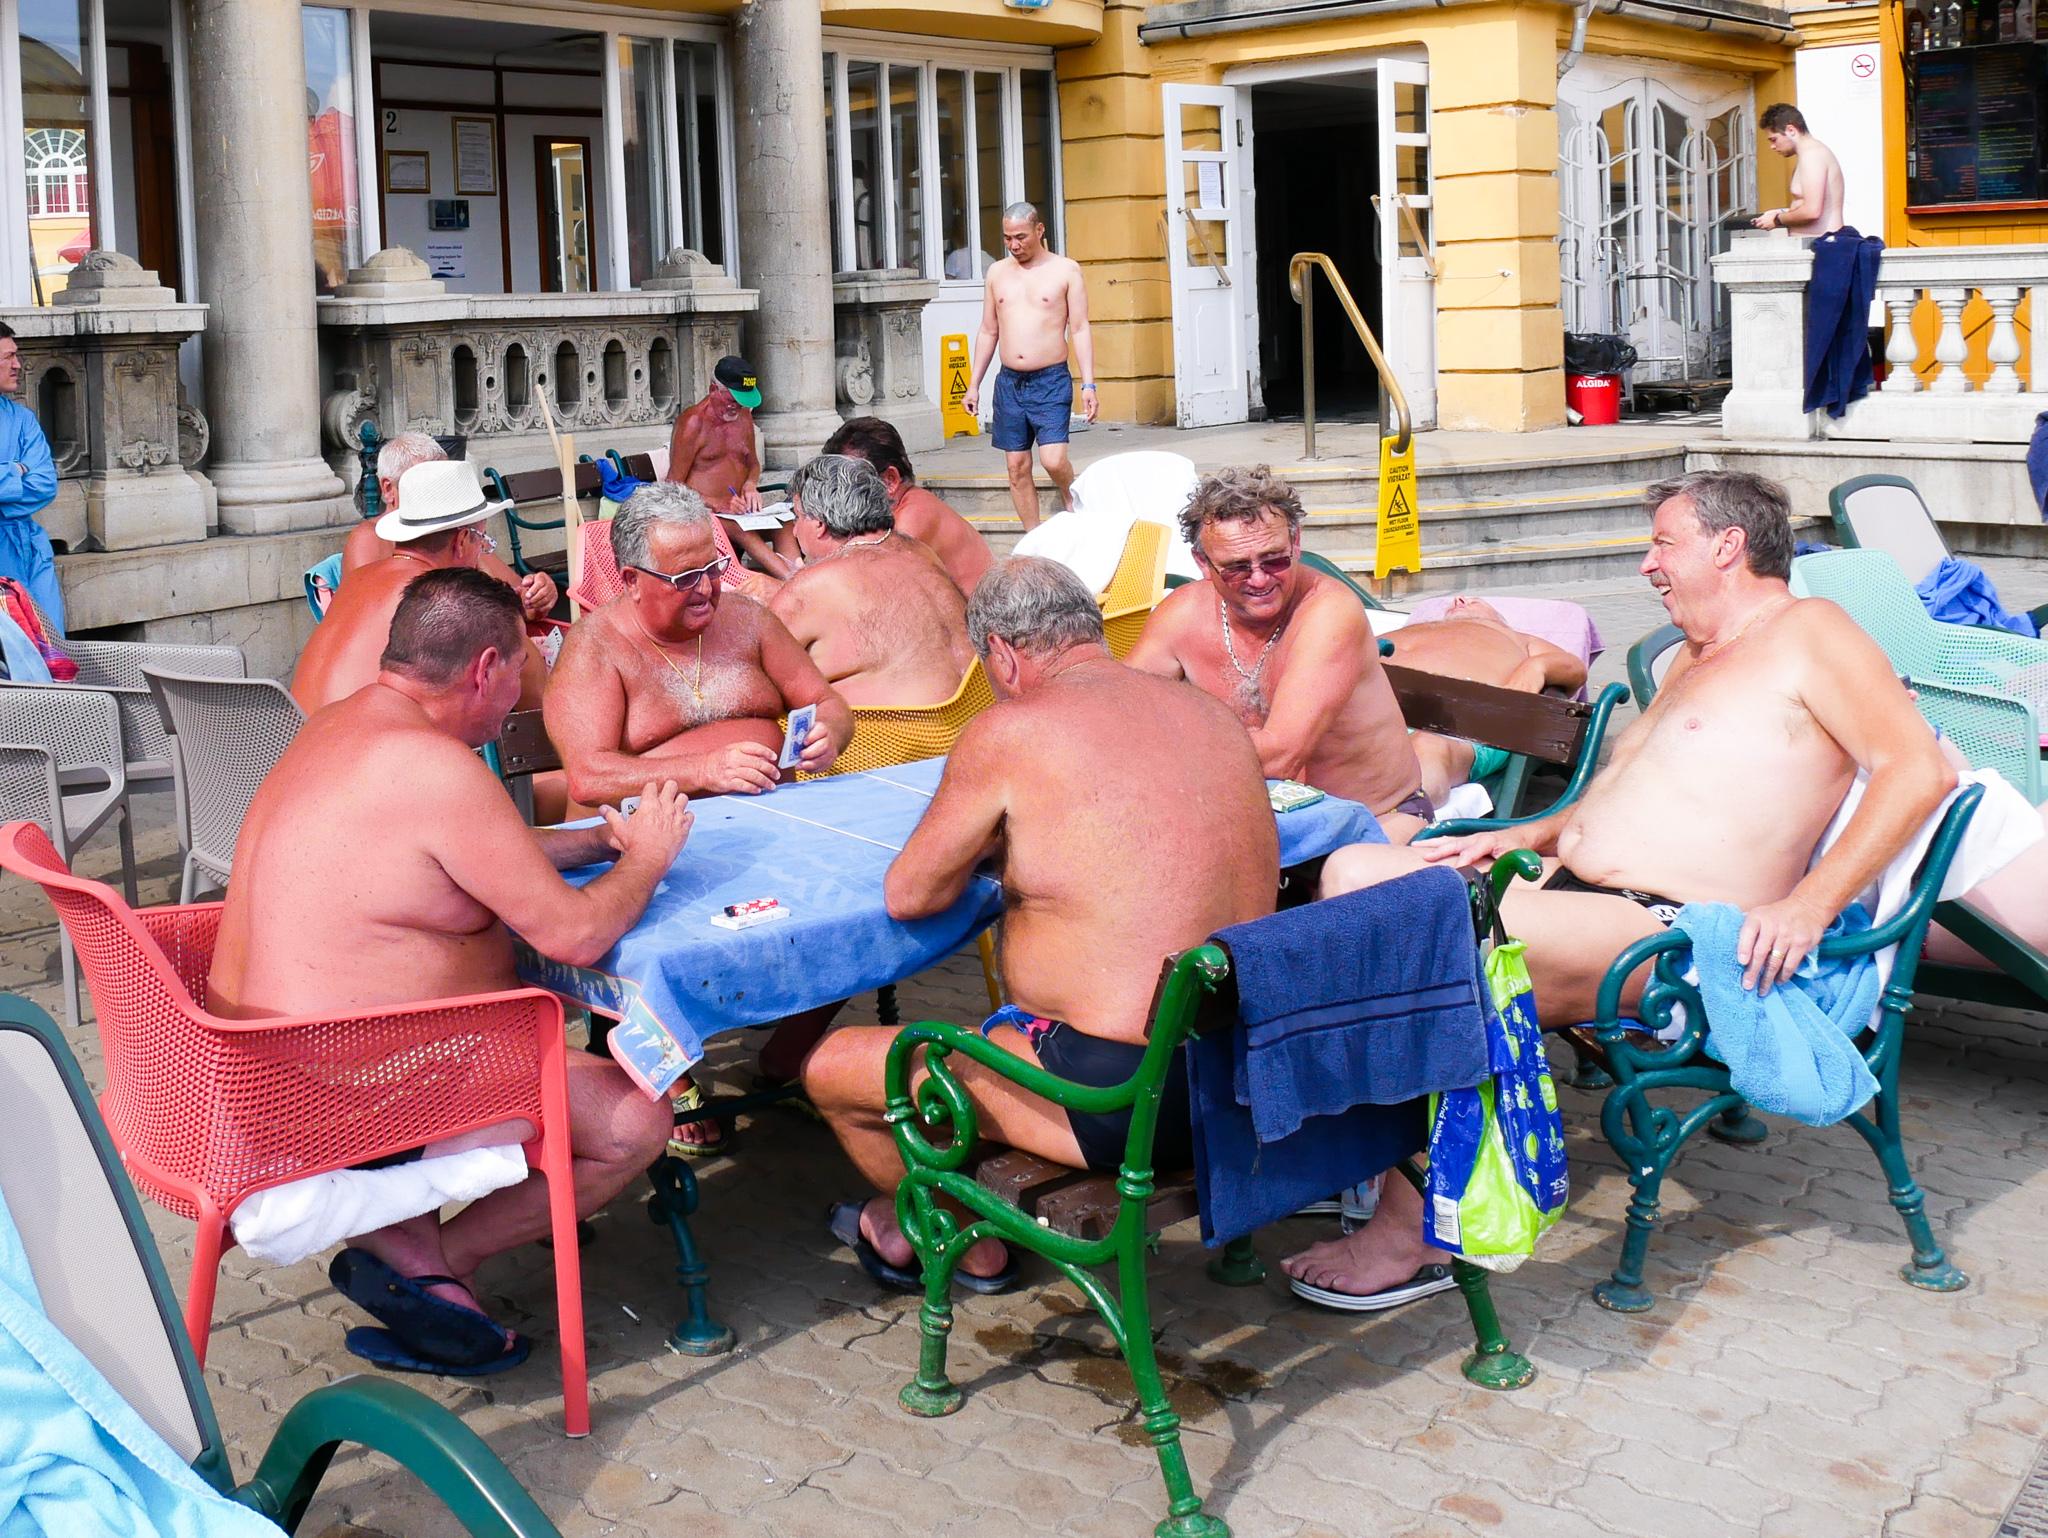 BLev orimligt glad av de här gubbarna. Jag tänker mig att de träffas varje tisdag här för att spela kort och för att lufta ölmagarna.